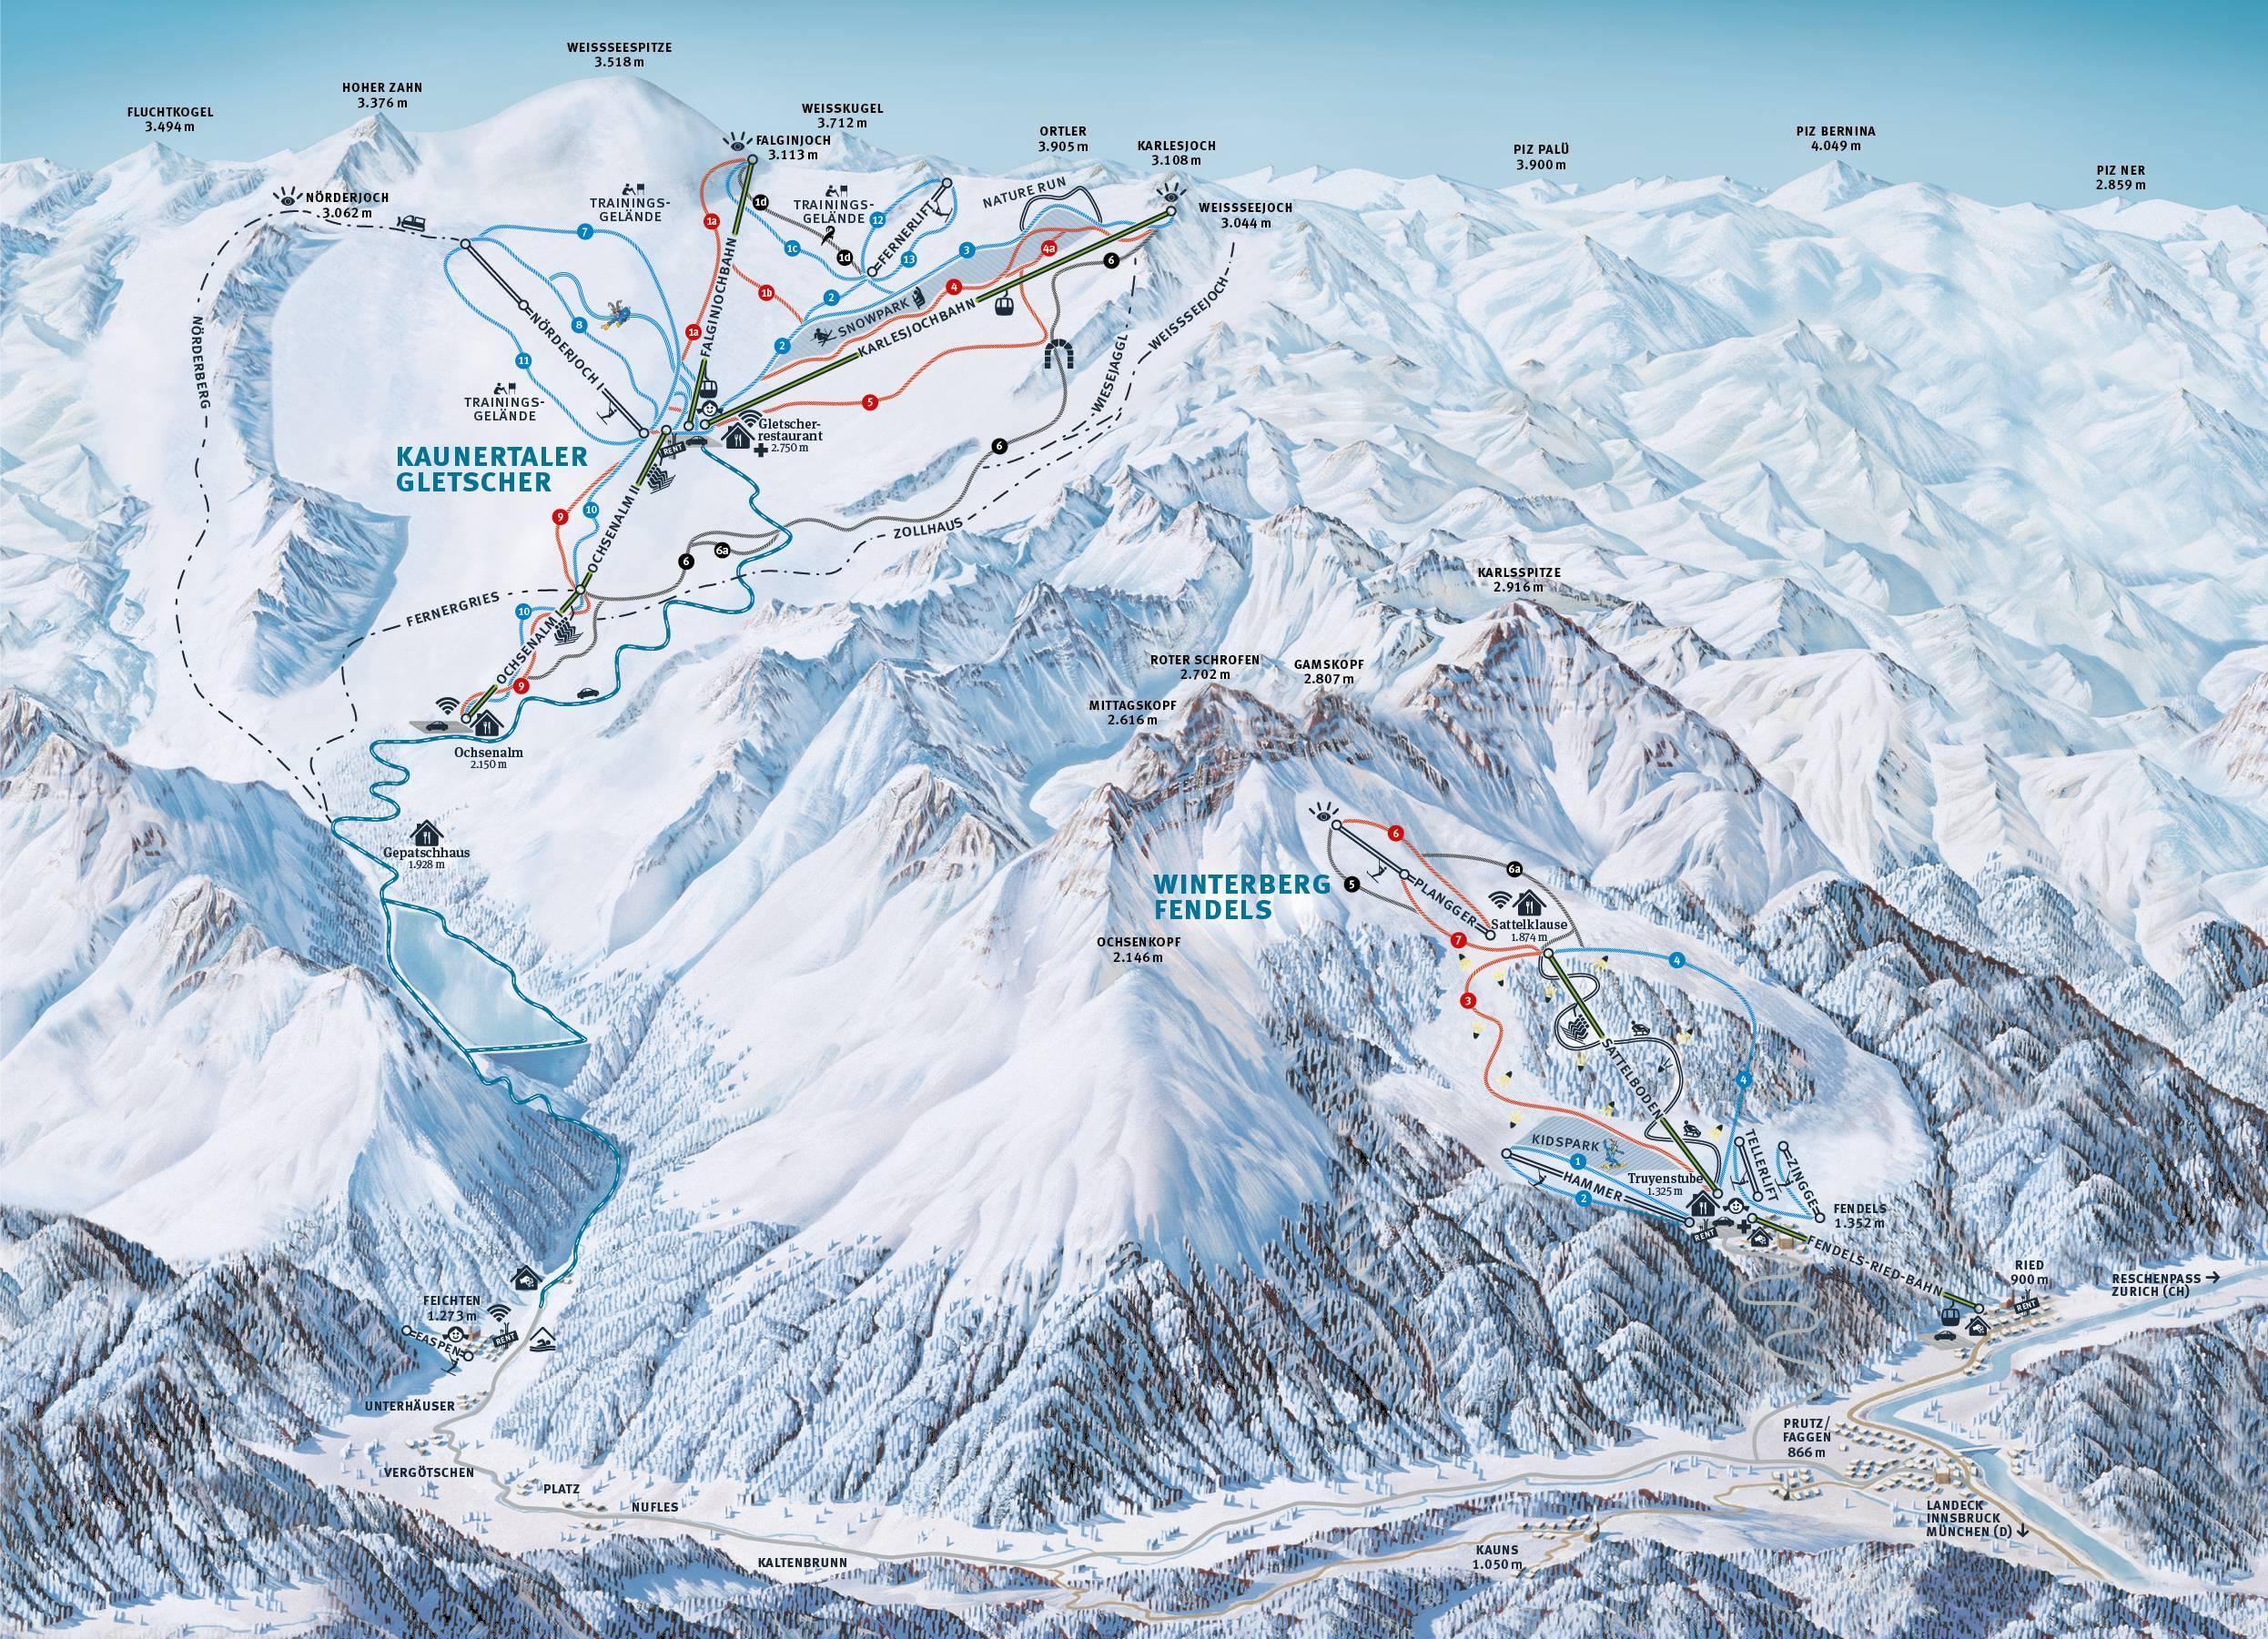 Kaunertal Glacier (Kaunertaler Gletscher)